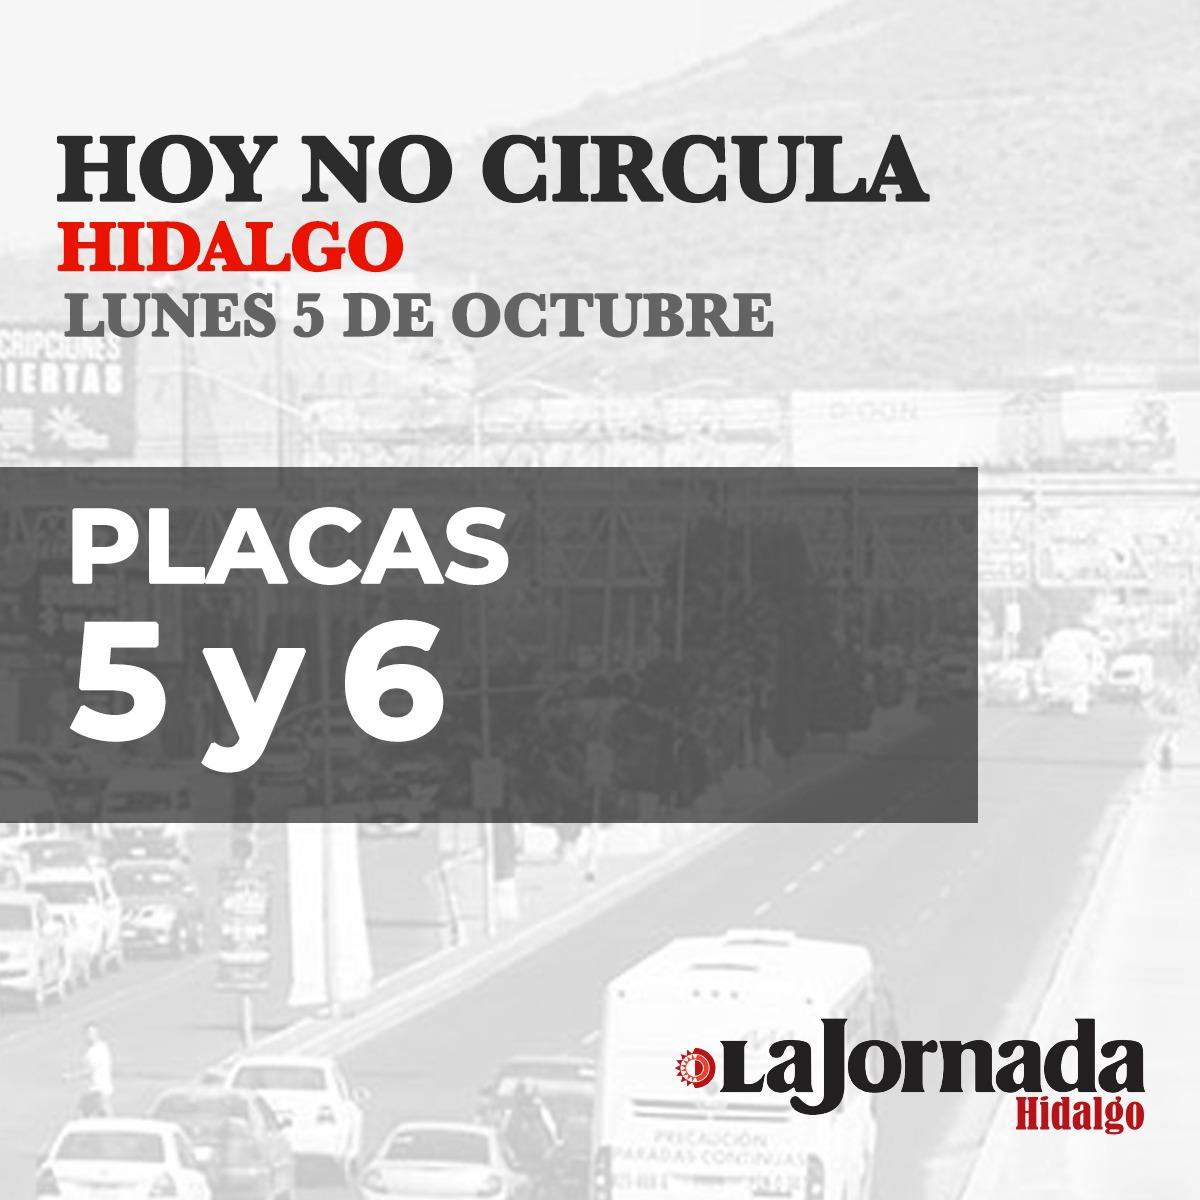 Hoy No Circula Hidalgo Lunes 5 de octubre